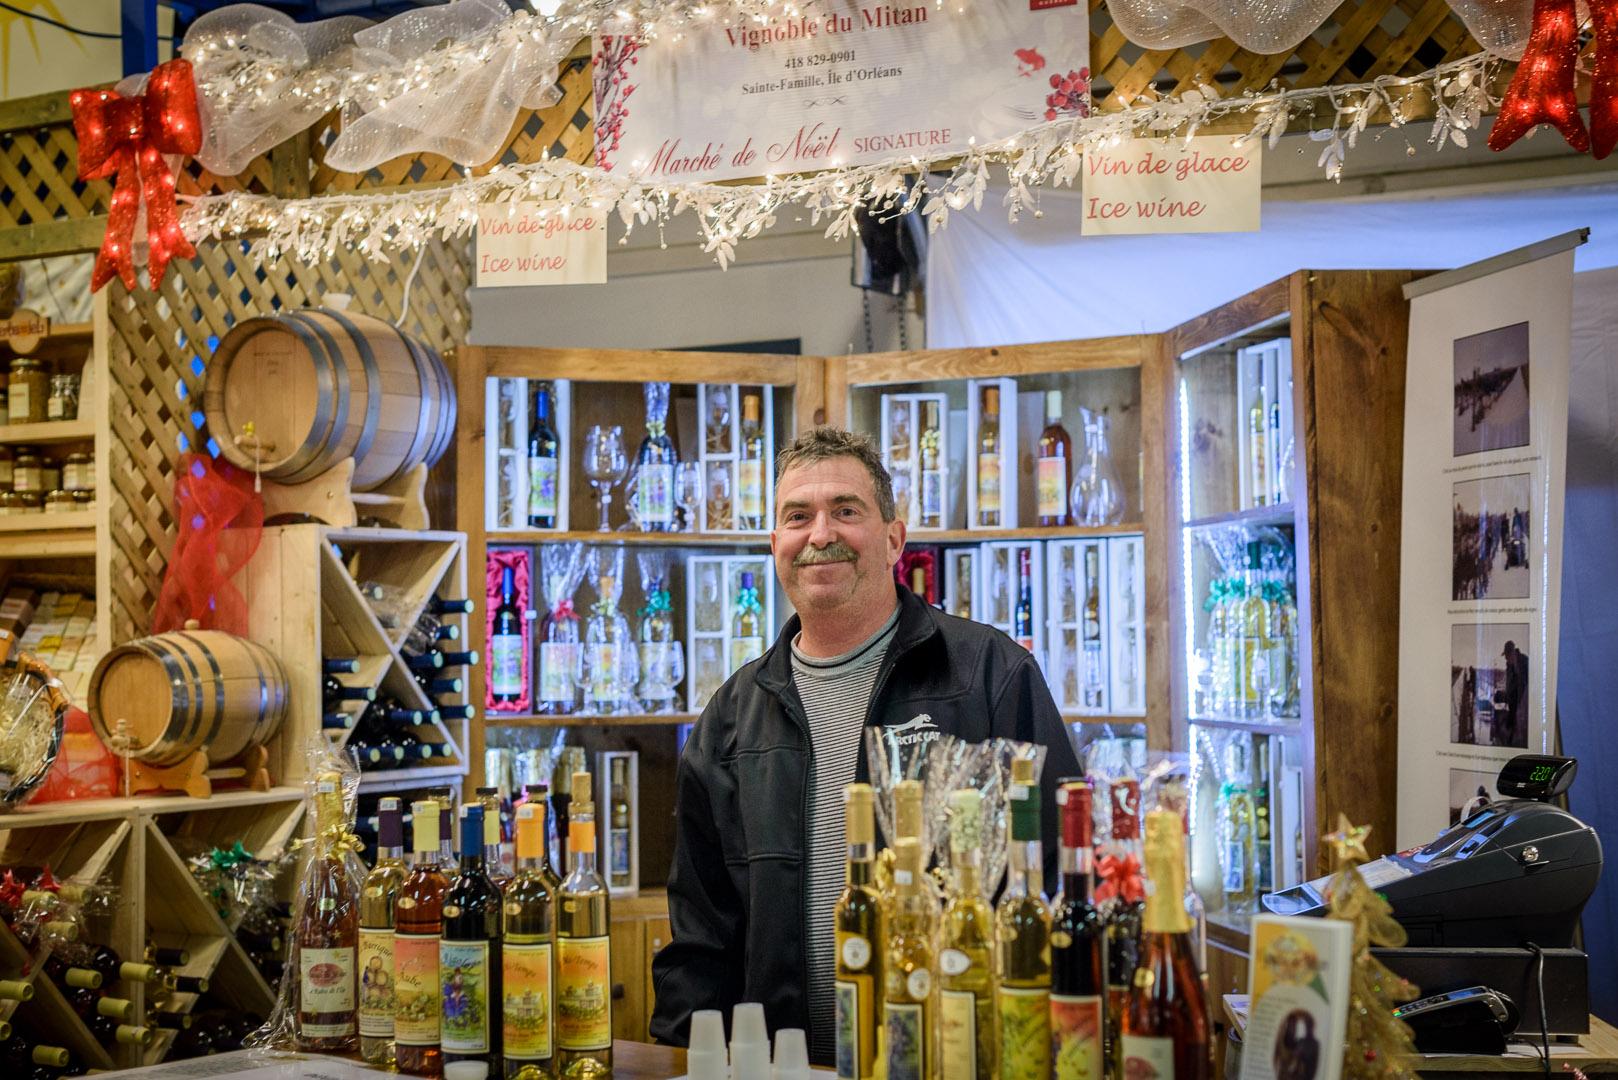 Un vigneron fier de vous faire déguster la gamme de ses produits.